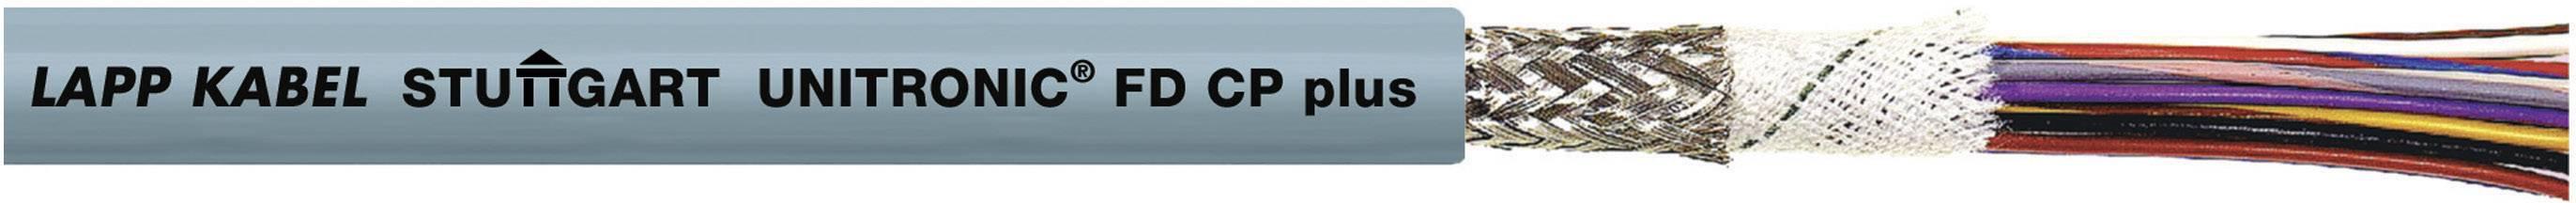 Datový kabel LappKabel UNITRONIC FD CP PLUS 2X0,14 (0028880), 2x 0,14 mm², Ø 4,3 mm, stíněný, 500 m, šedá